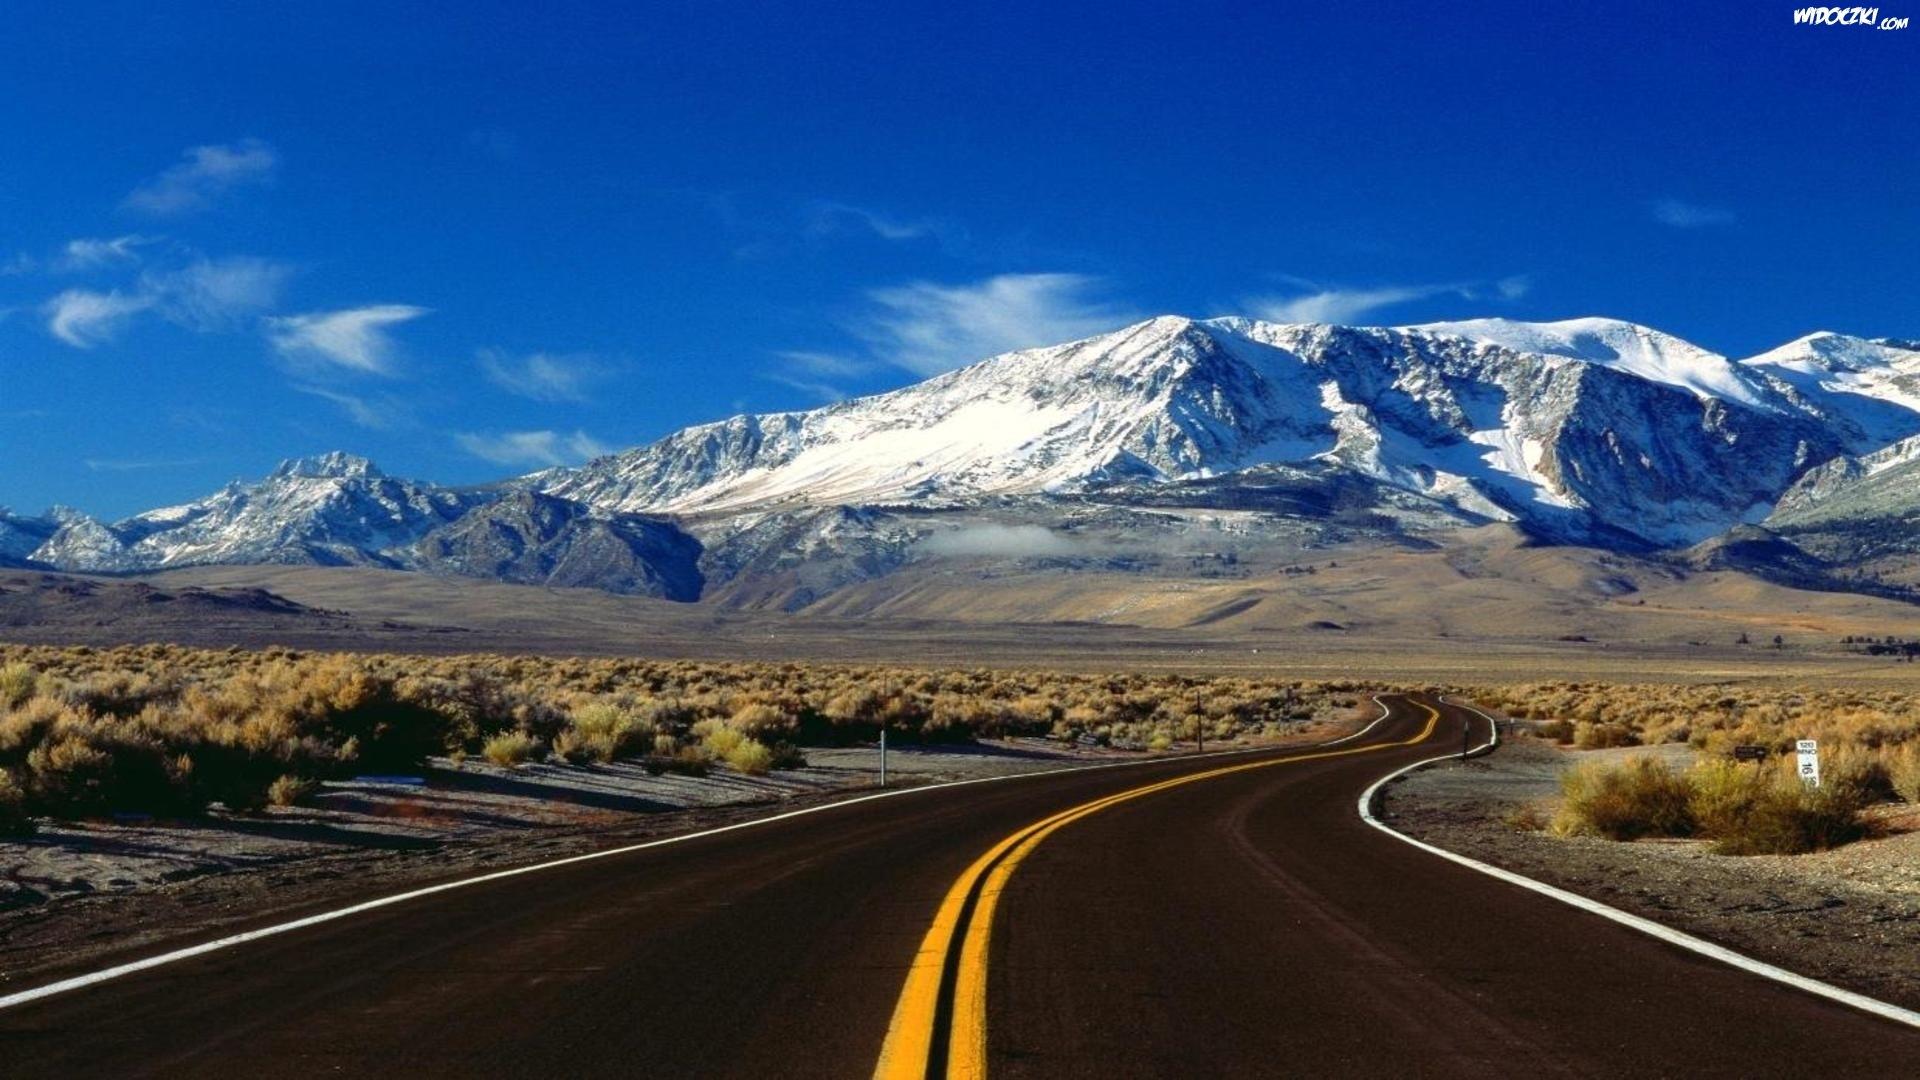 壁纸 道路 风景 高速 高速公路 公路 桌面 1920_1080